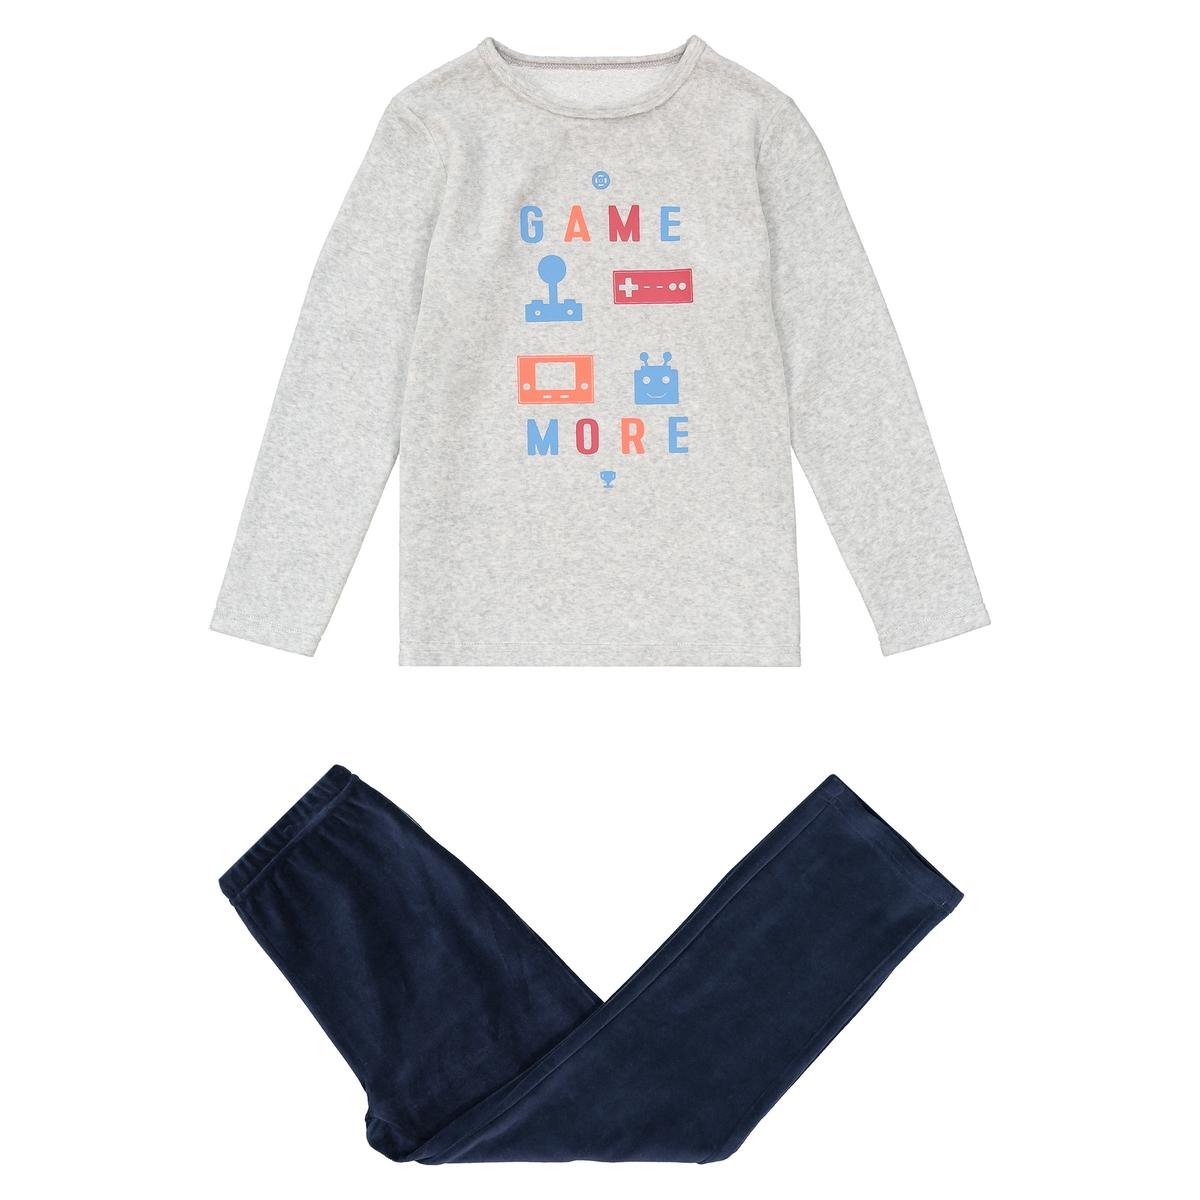 Пижама La Redoute Из велюра с принтом видеоигры - лет 12 лет -150 см серый пижама la redoute из предметов с рисунком 12 лет 150 см розовый